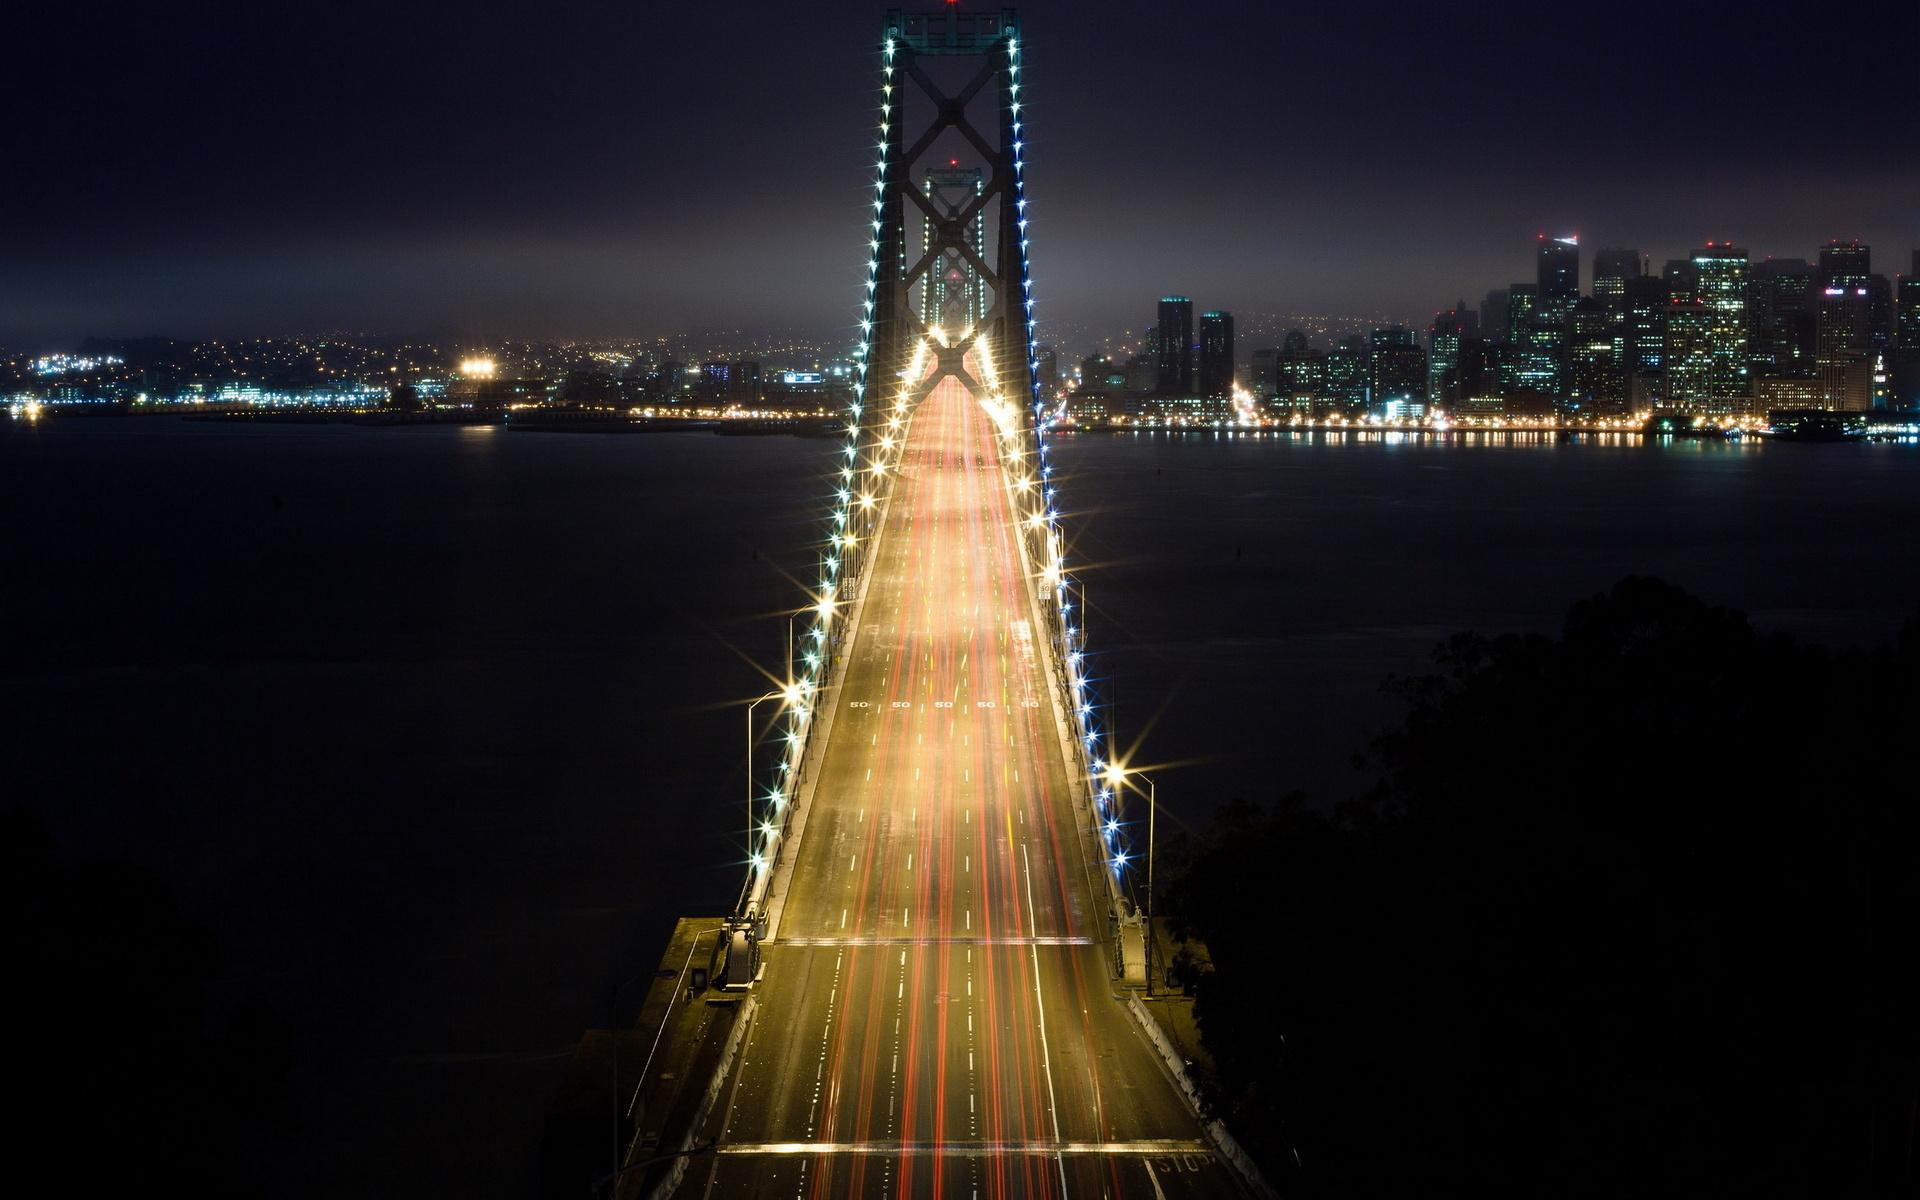 Картинка ночной город с мостом сити